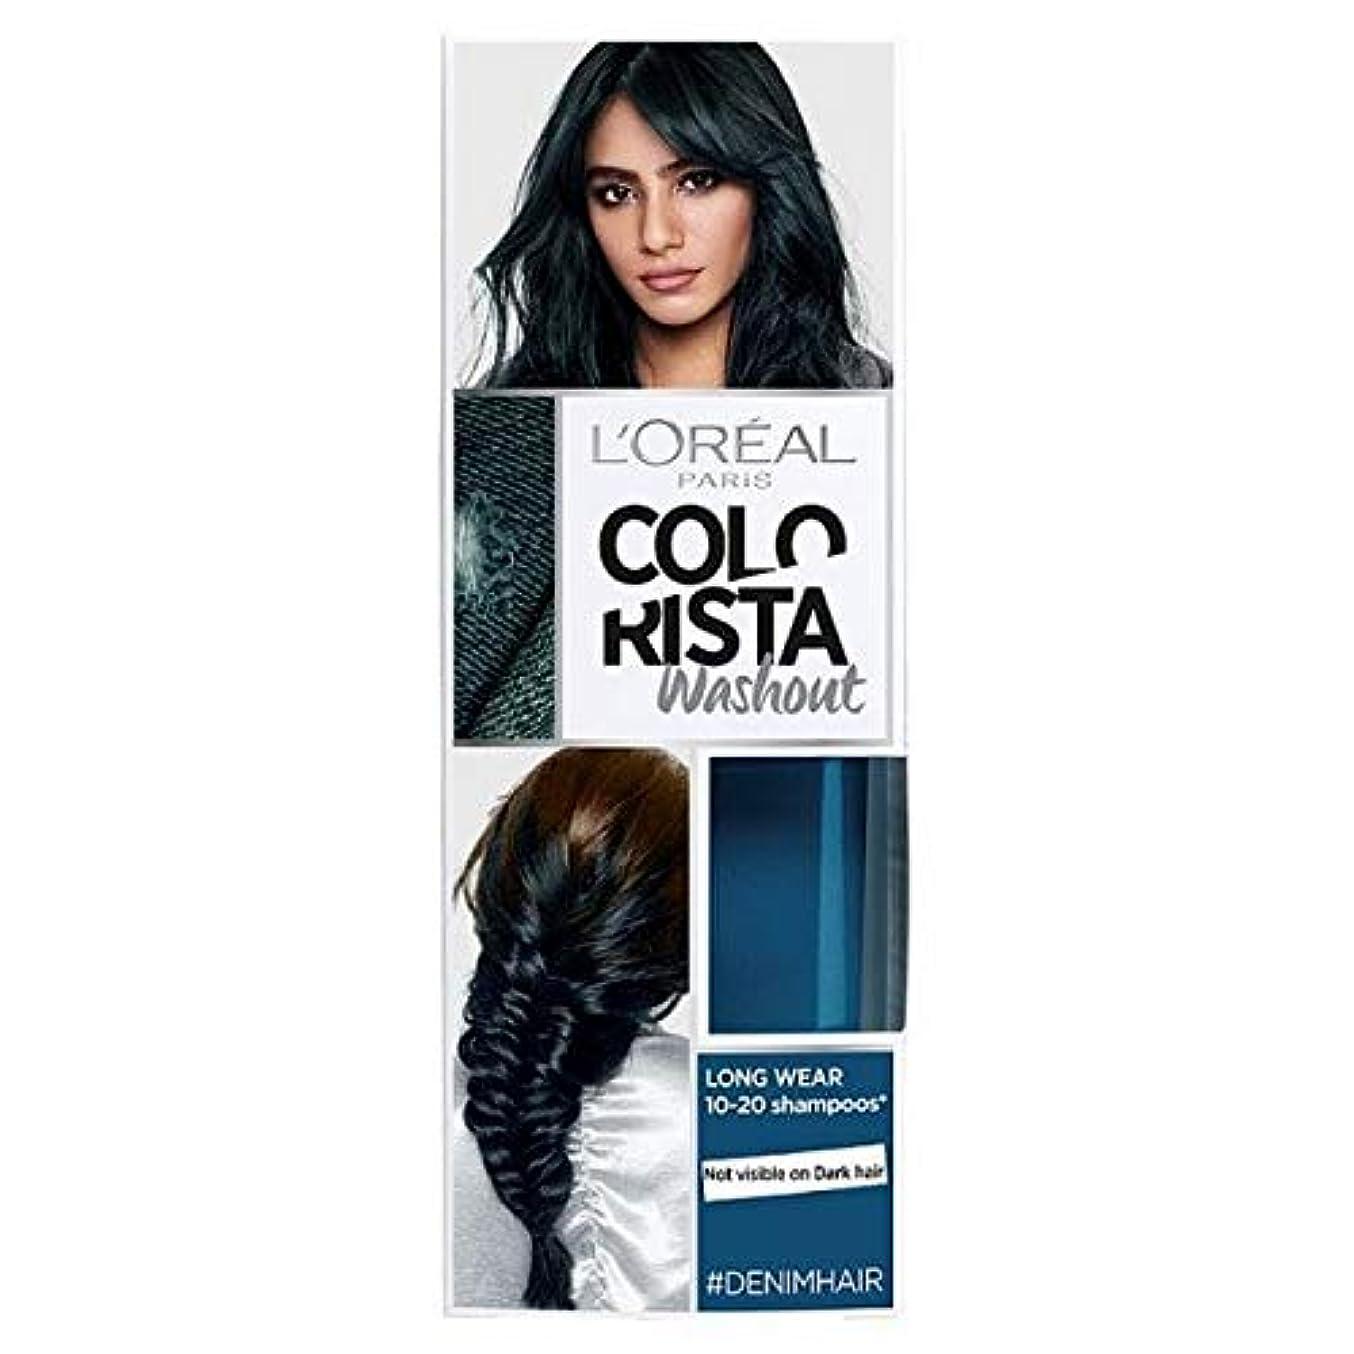 中央値アサートきらきら[Colorista] Colorista洗い出しデニムブルー半永久染毛剤 - Colorista Washout Denim Blue Semi-Permanent Hair Dye [並行輸入品]